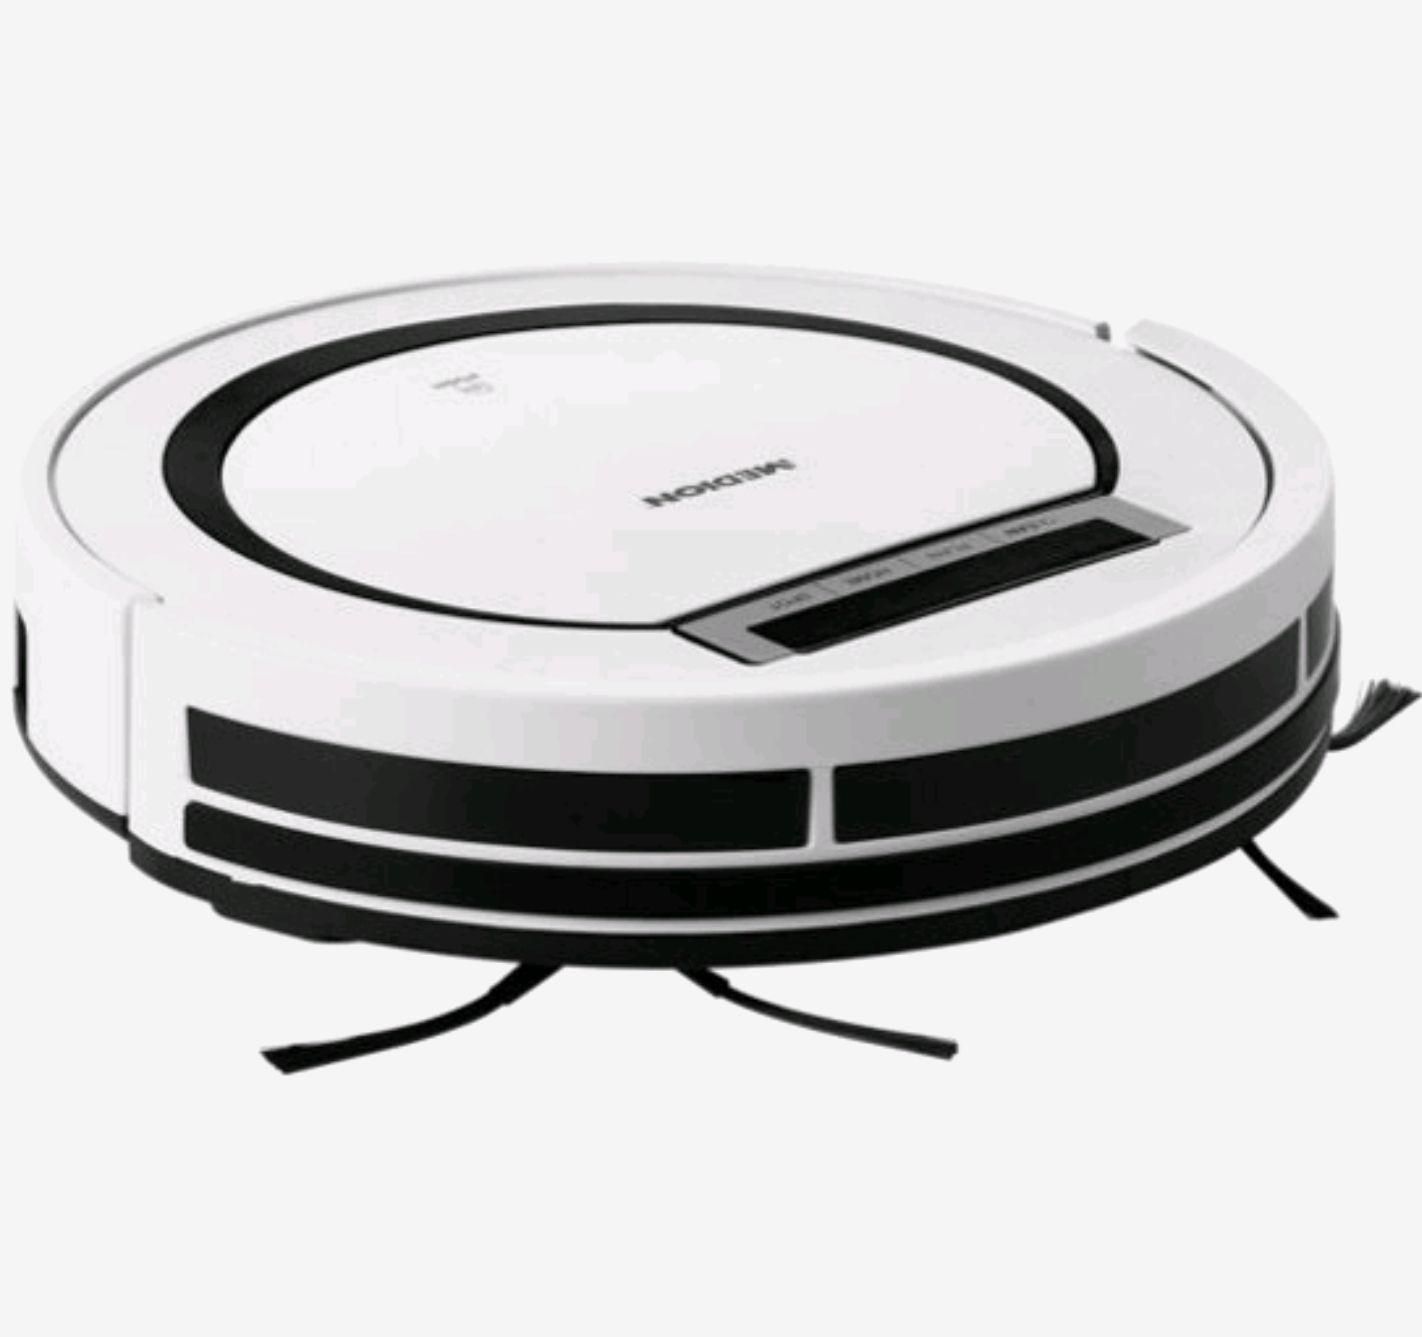 [Black Friday Deal Bol.com] Medion MD18600 - Robotstofzuiger